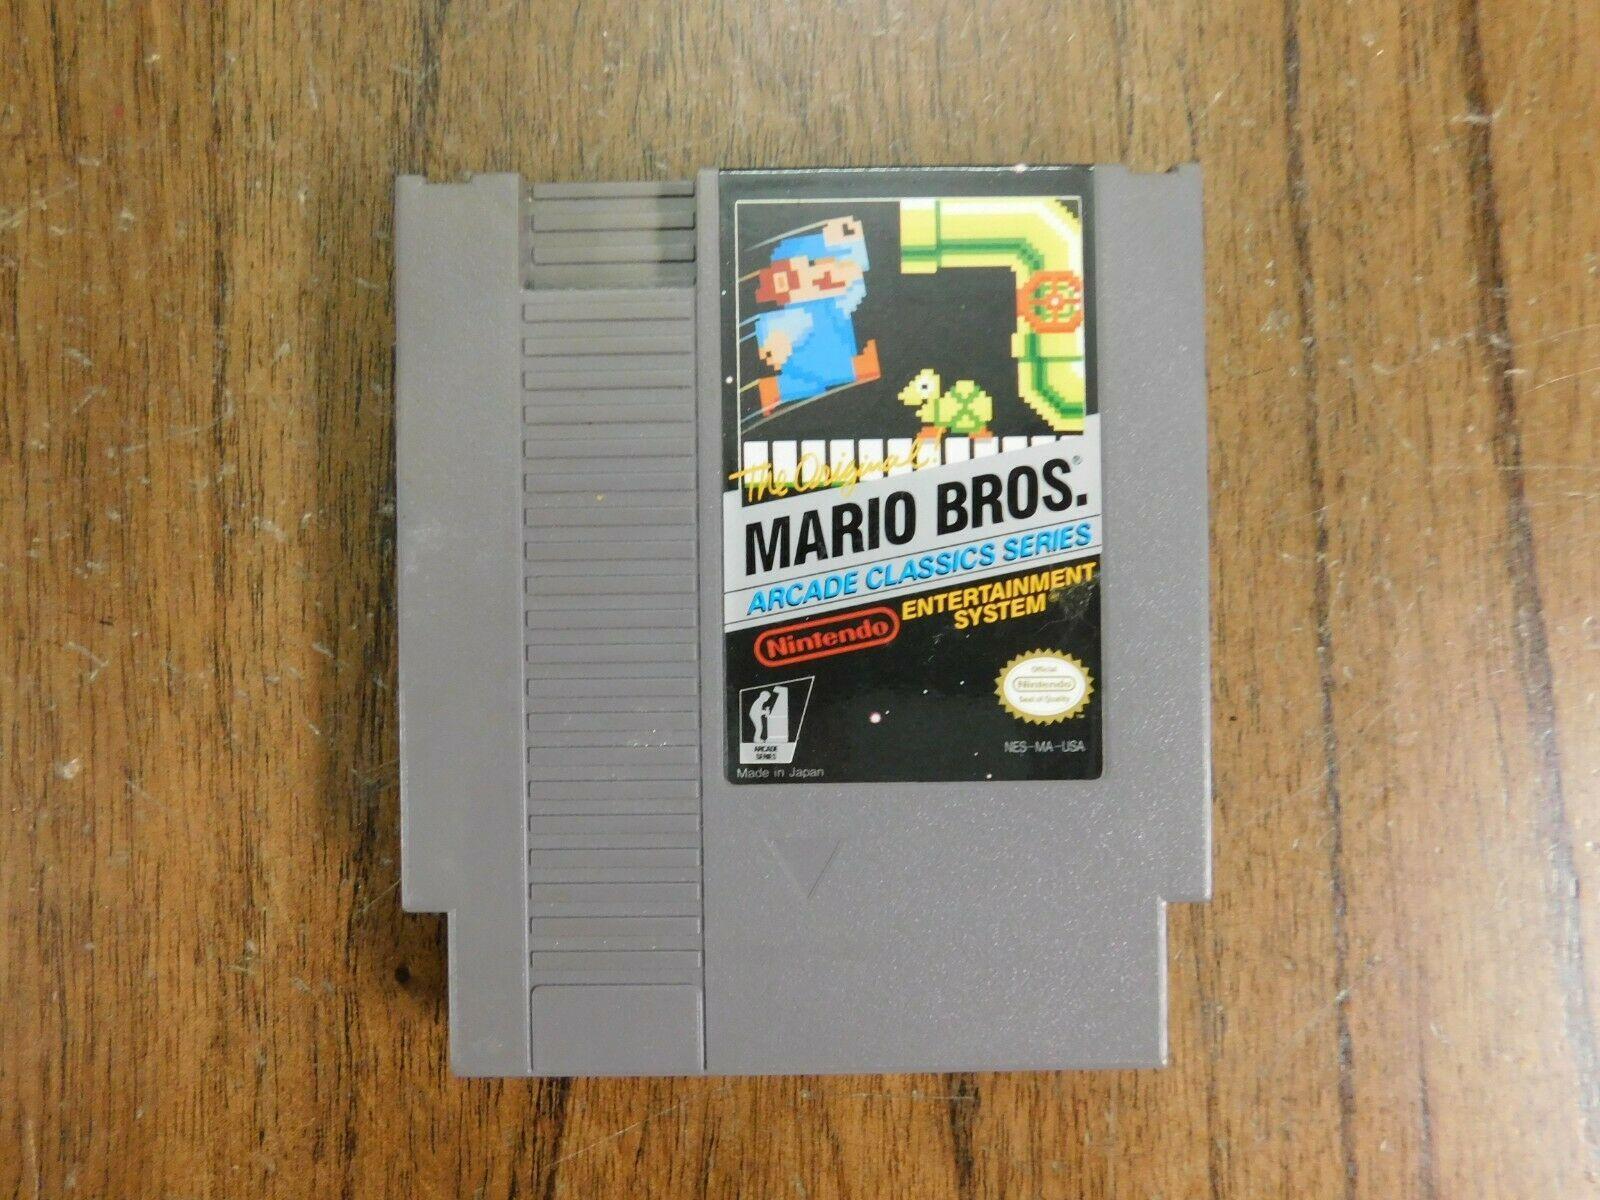 NES Game - Mario Bros Arcade Classics Series - Cartridge